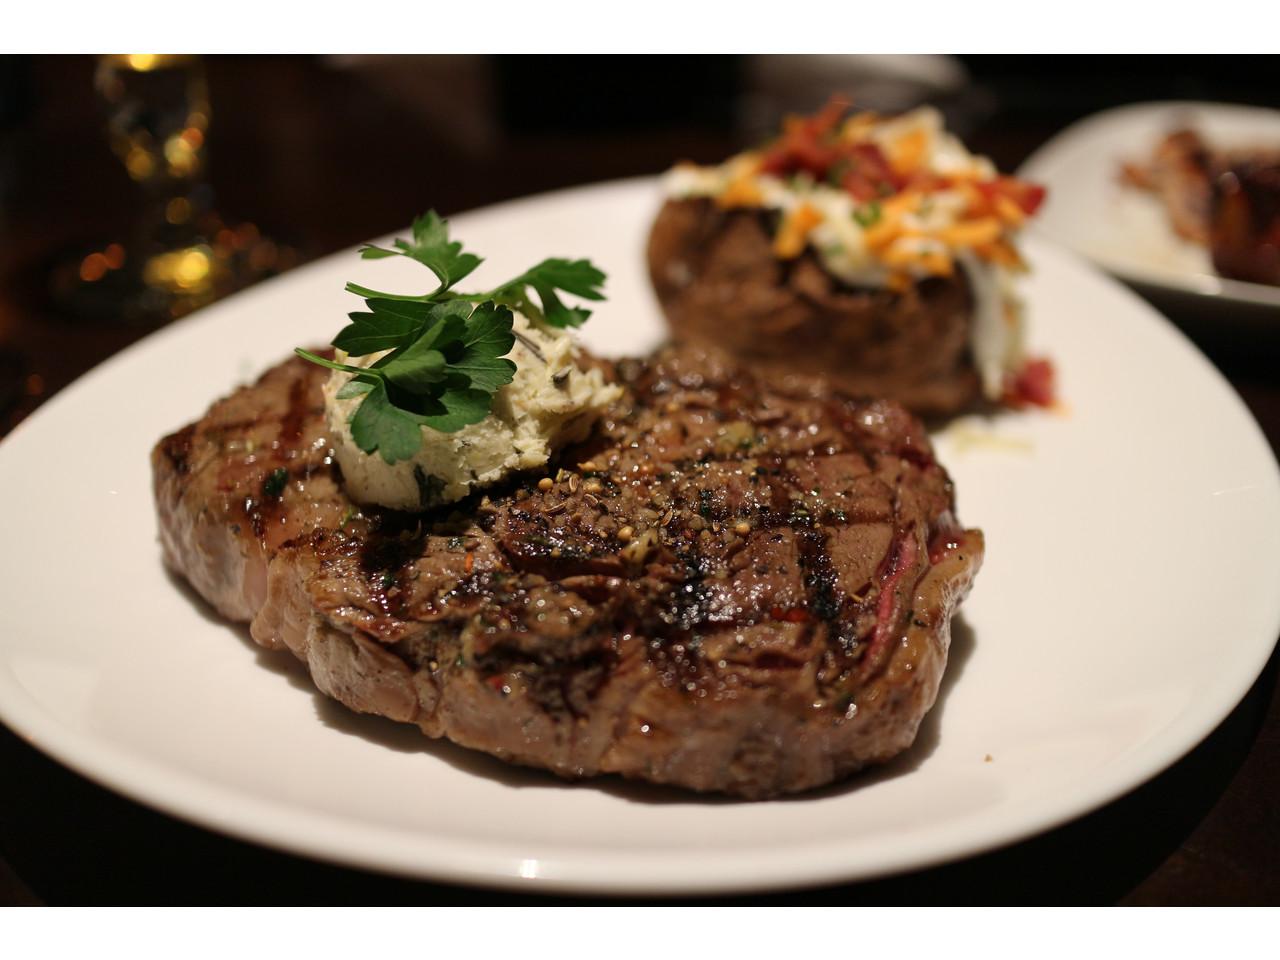 calgary_saltlik_ribeye_steak_public_w1280_h960